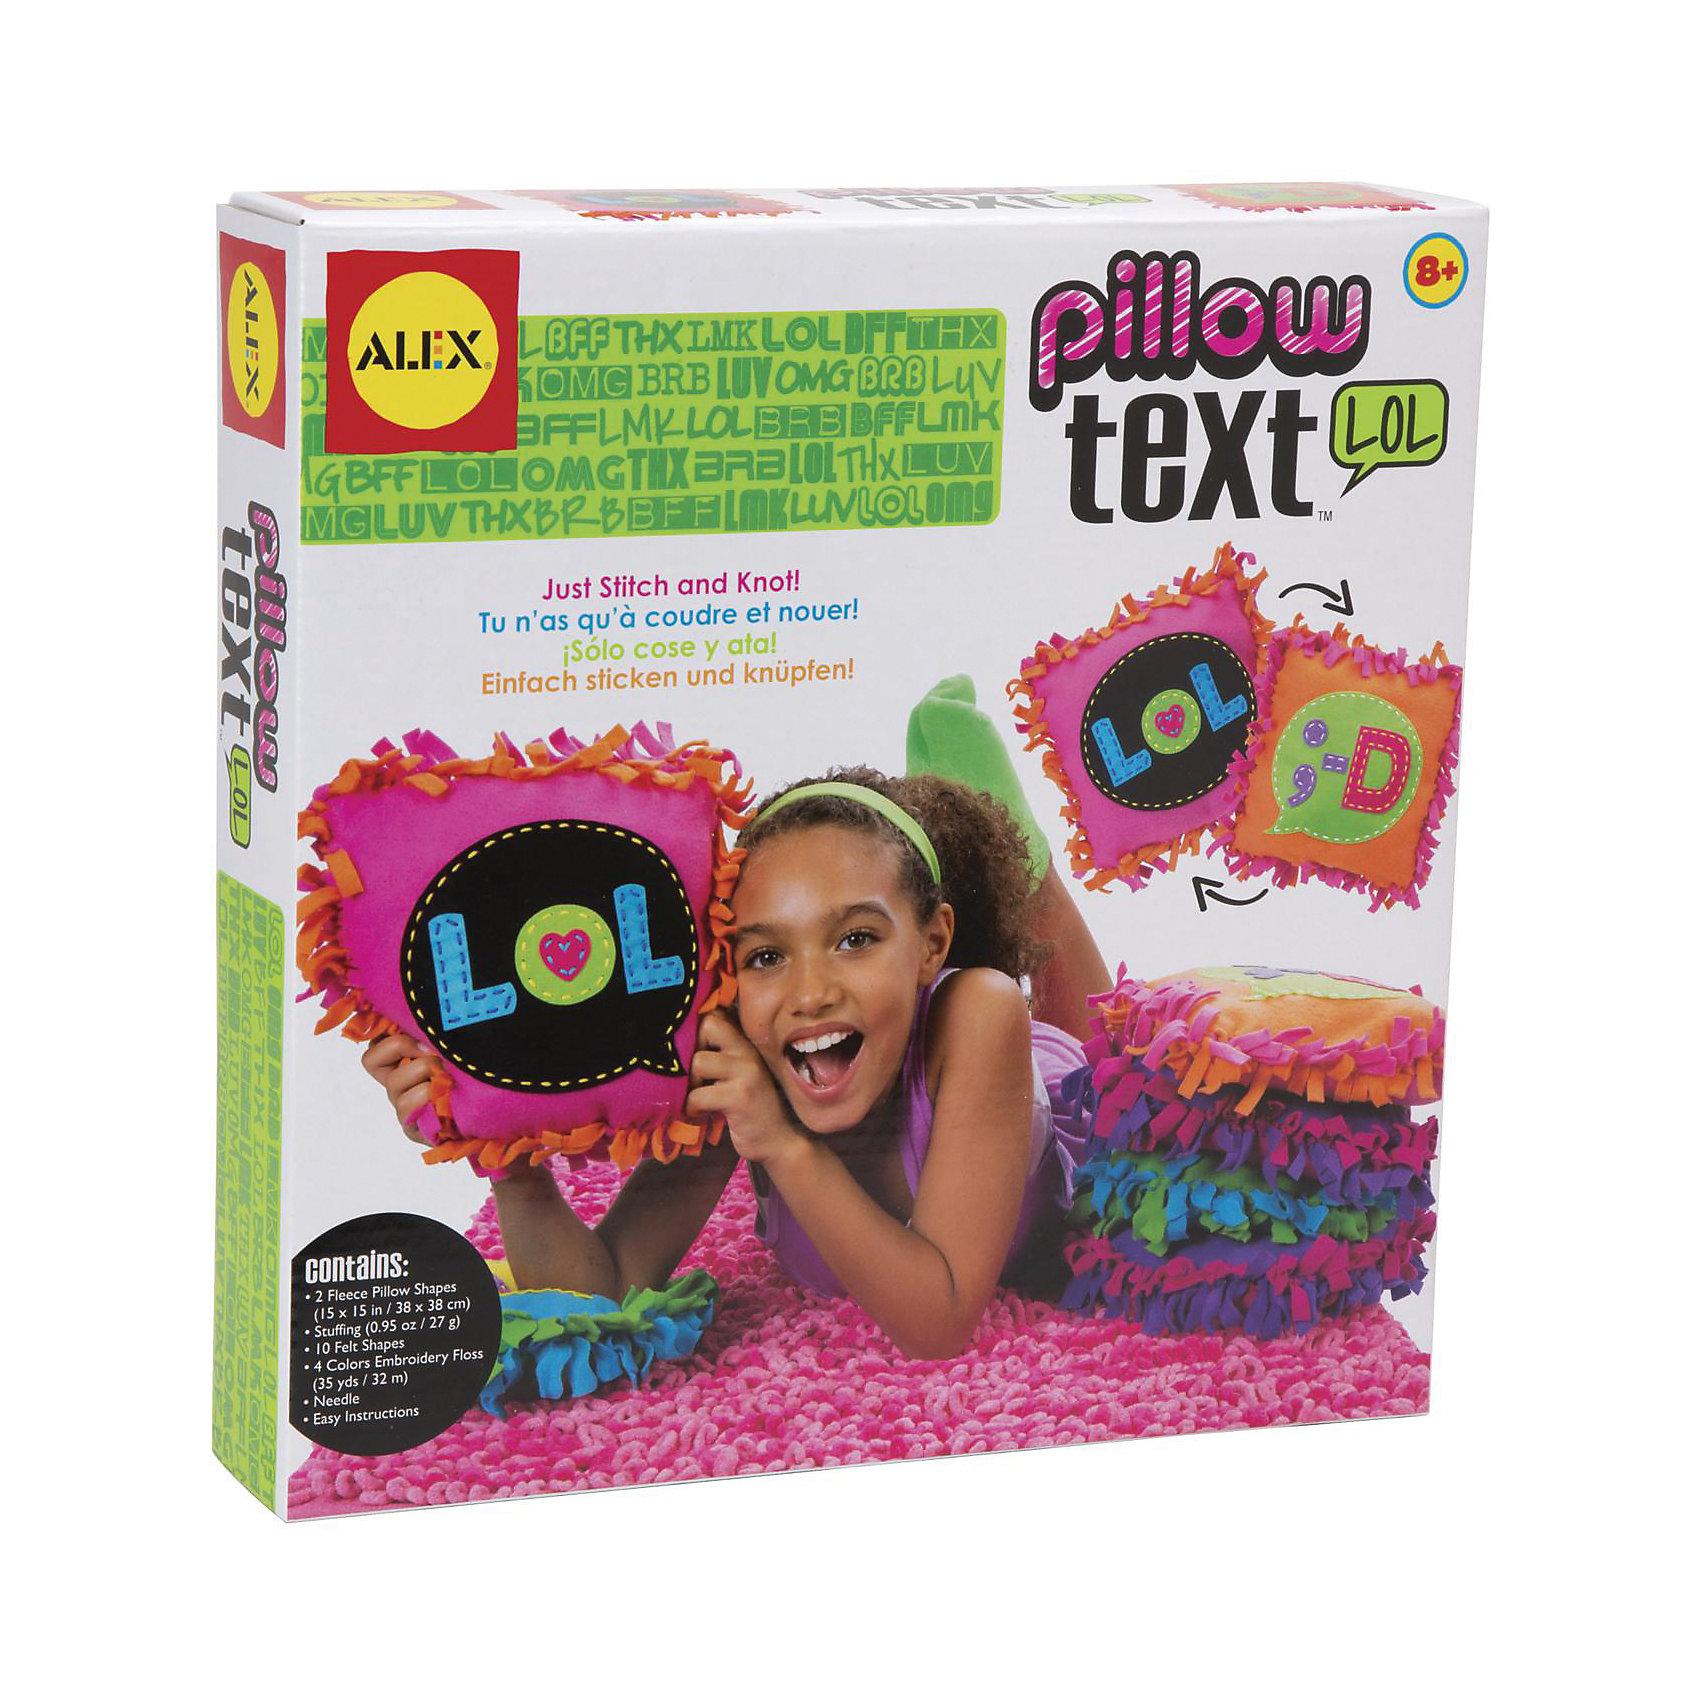 Набор для создания подушки LOL, ALEXНабор для создания подушки LOL безусловно подойдет для творчества и времяпровождения с друзьями. Прекрасное сочетания ярких цветов и  текста идеально дополнят дизайн подушки. Следуйте простым инструкциям, чтобы сшить, набить и завязать края. У вас  получится красочная подушка, которая выразит ваши чувства и настроение.  <br>                                                                                                           Дополнительная информация:          <br>Состав: 2  кусочка флисовой ткани, вырезанные формы, мулине(4 цвета), иголка и инструкция<br>Вес: 320 грамм<br>Размер: 25,4х5х25,4 см                                                          <br><br>Набор для создания подушки LOL  Вы можете приобрести в нашем интернет магазине.<br><br>Ширина мм: 254<br>Глубина мм: 50<br>Высота мм: 254<br>Вес г: 320<br>Возраст от месяцев: 72<br>Возраст до месяцев: 144<br>Пол: Женский<br>Возраст: Детский<br>SKU: 4963324